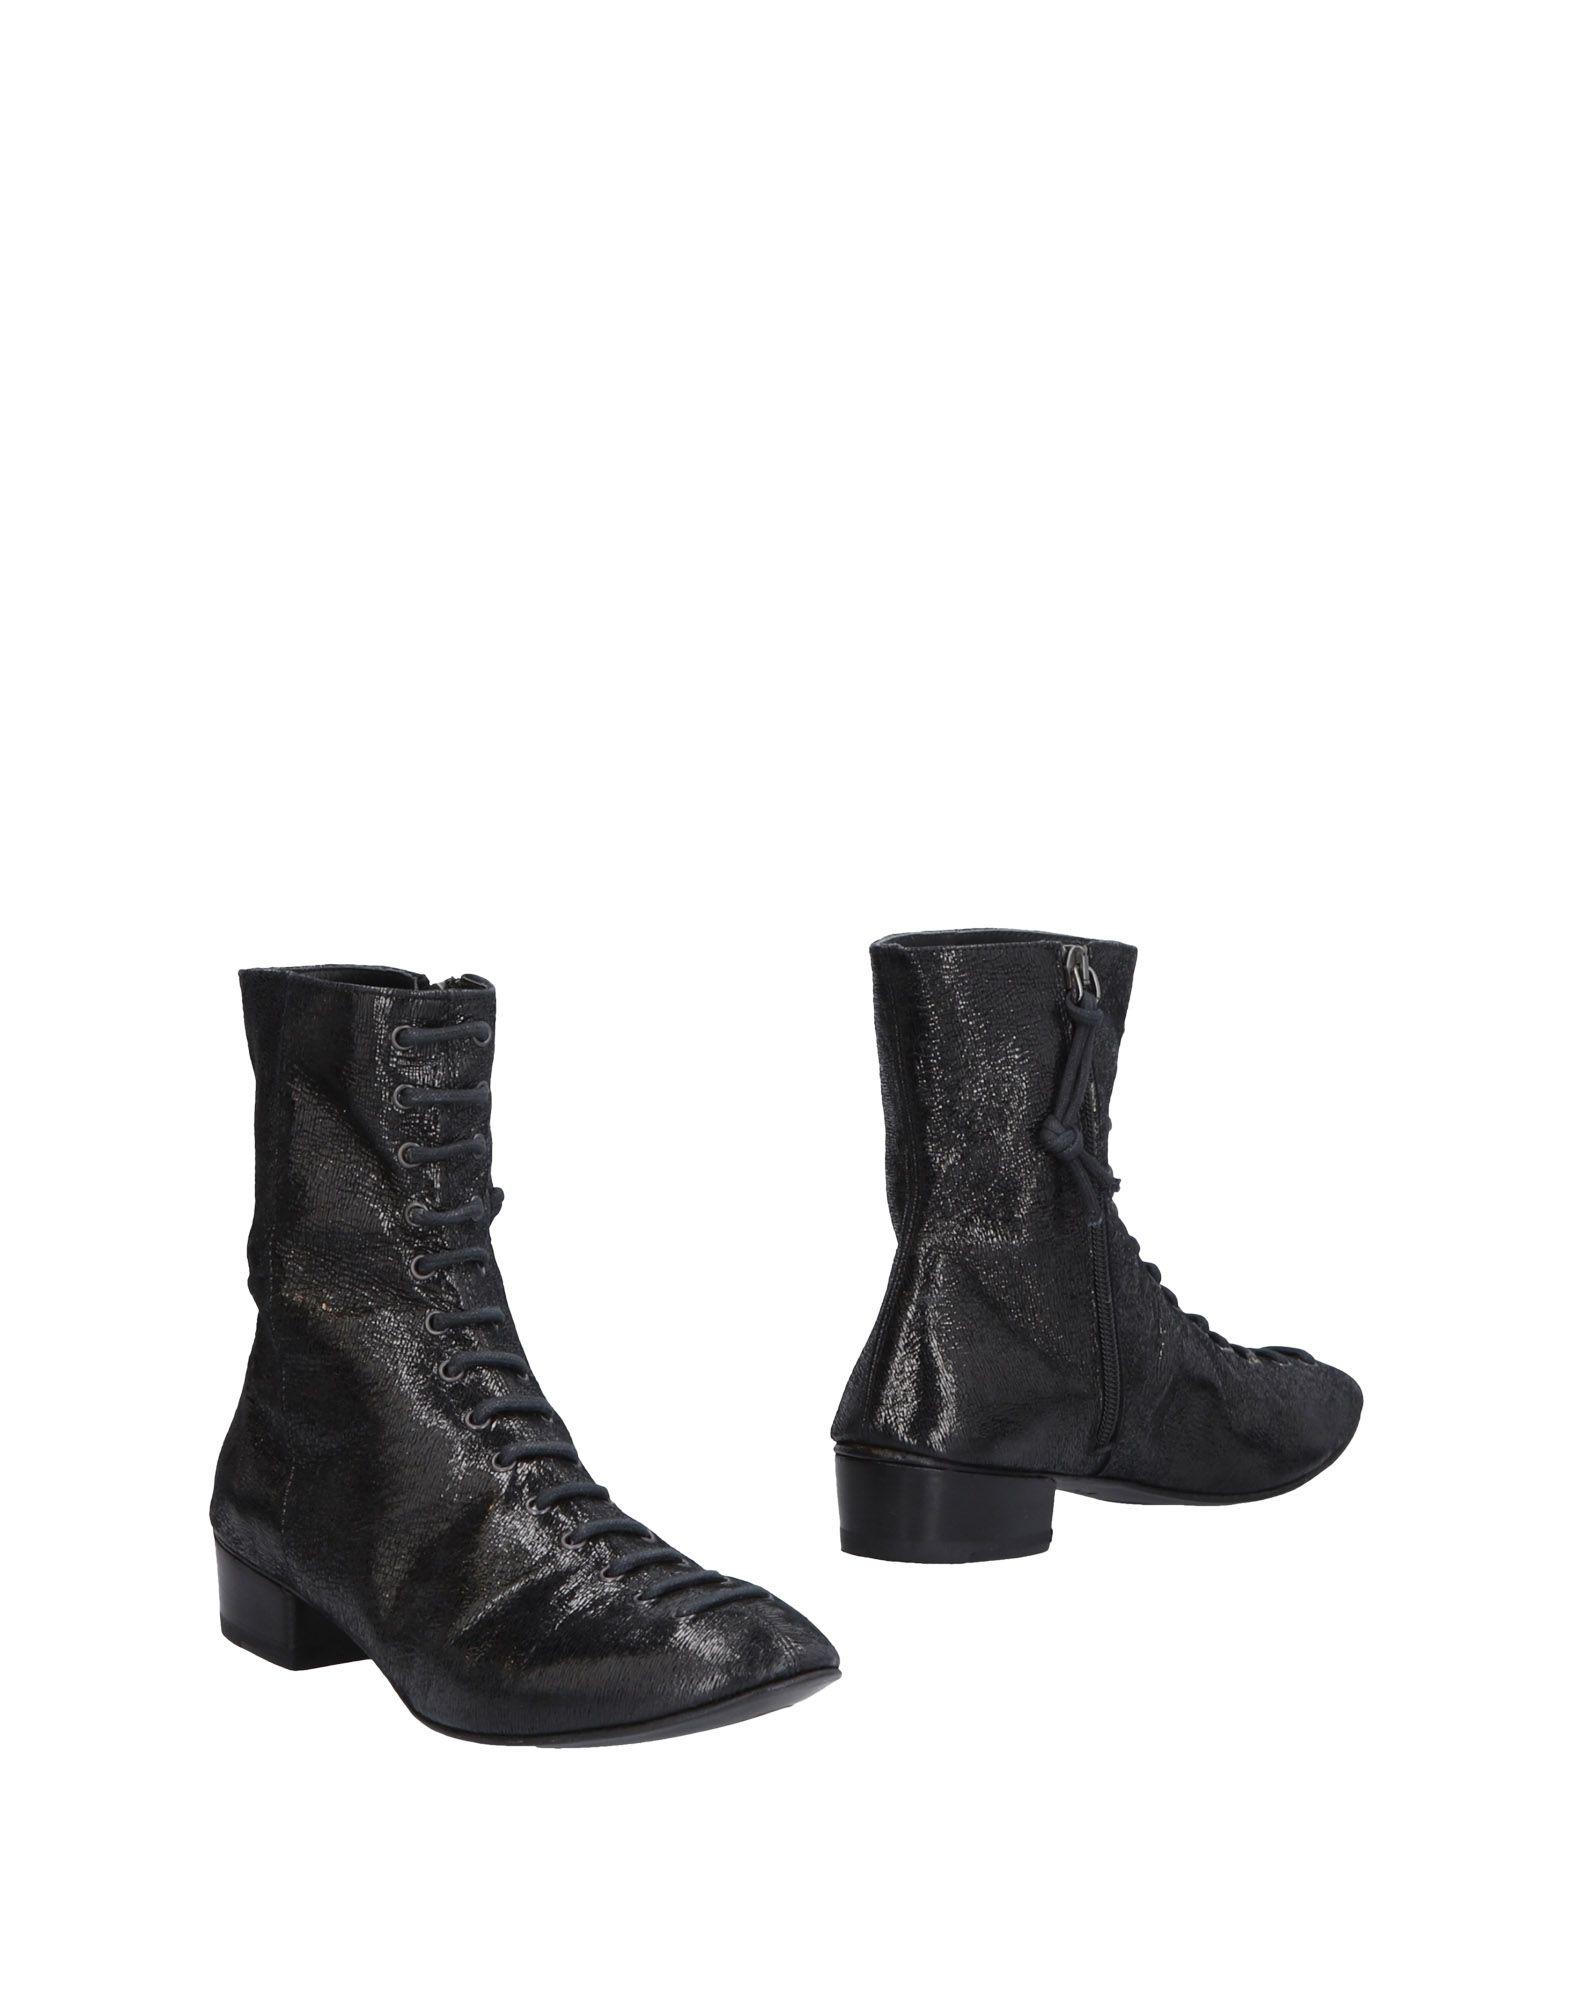 Kudetà Stiefelette Damen  11460744GE Gute Qualität beliebte Schuhe